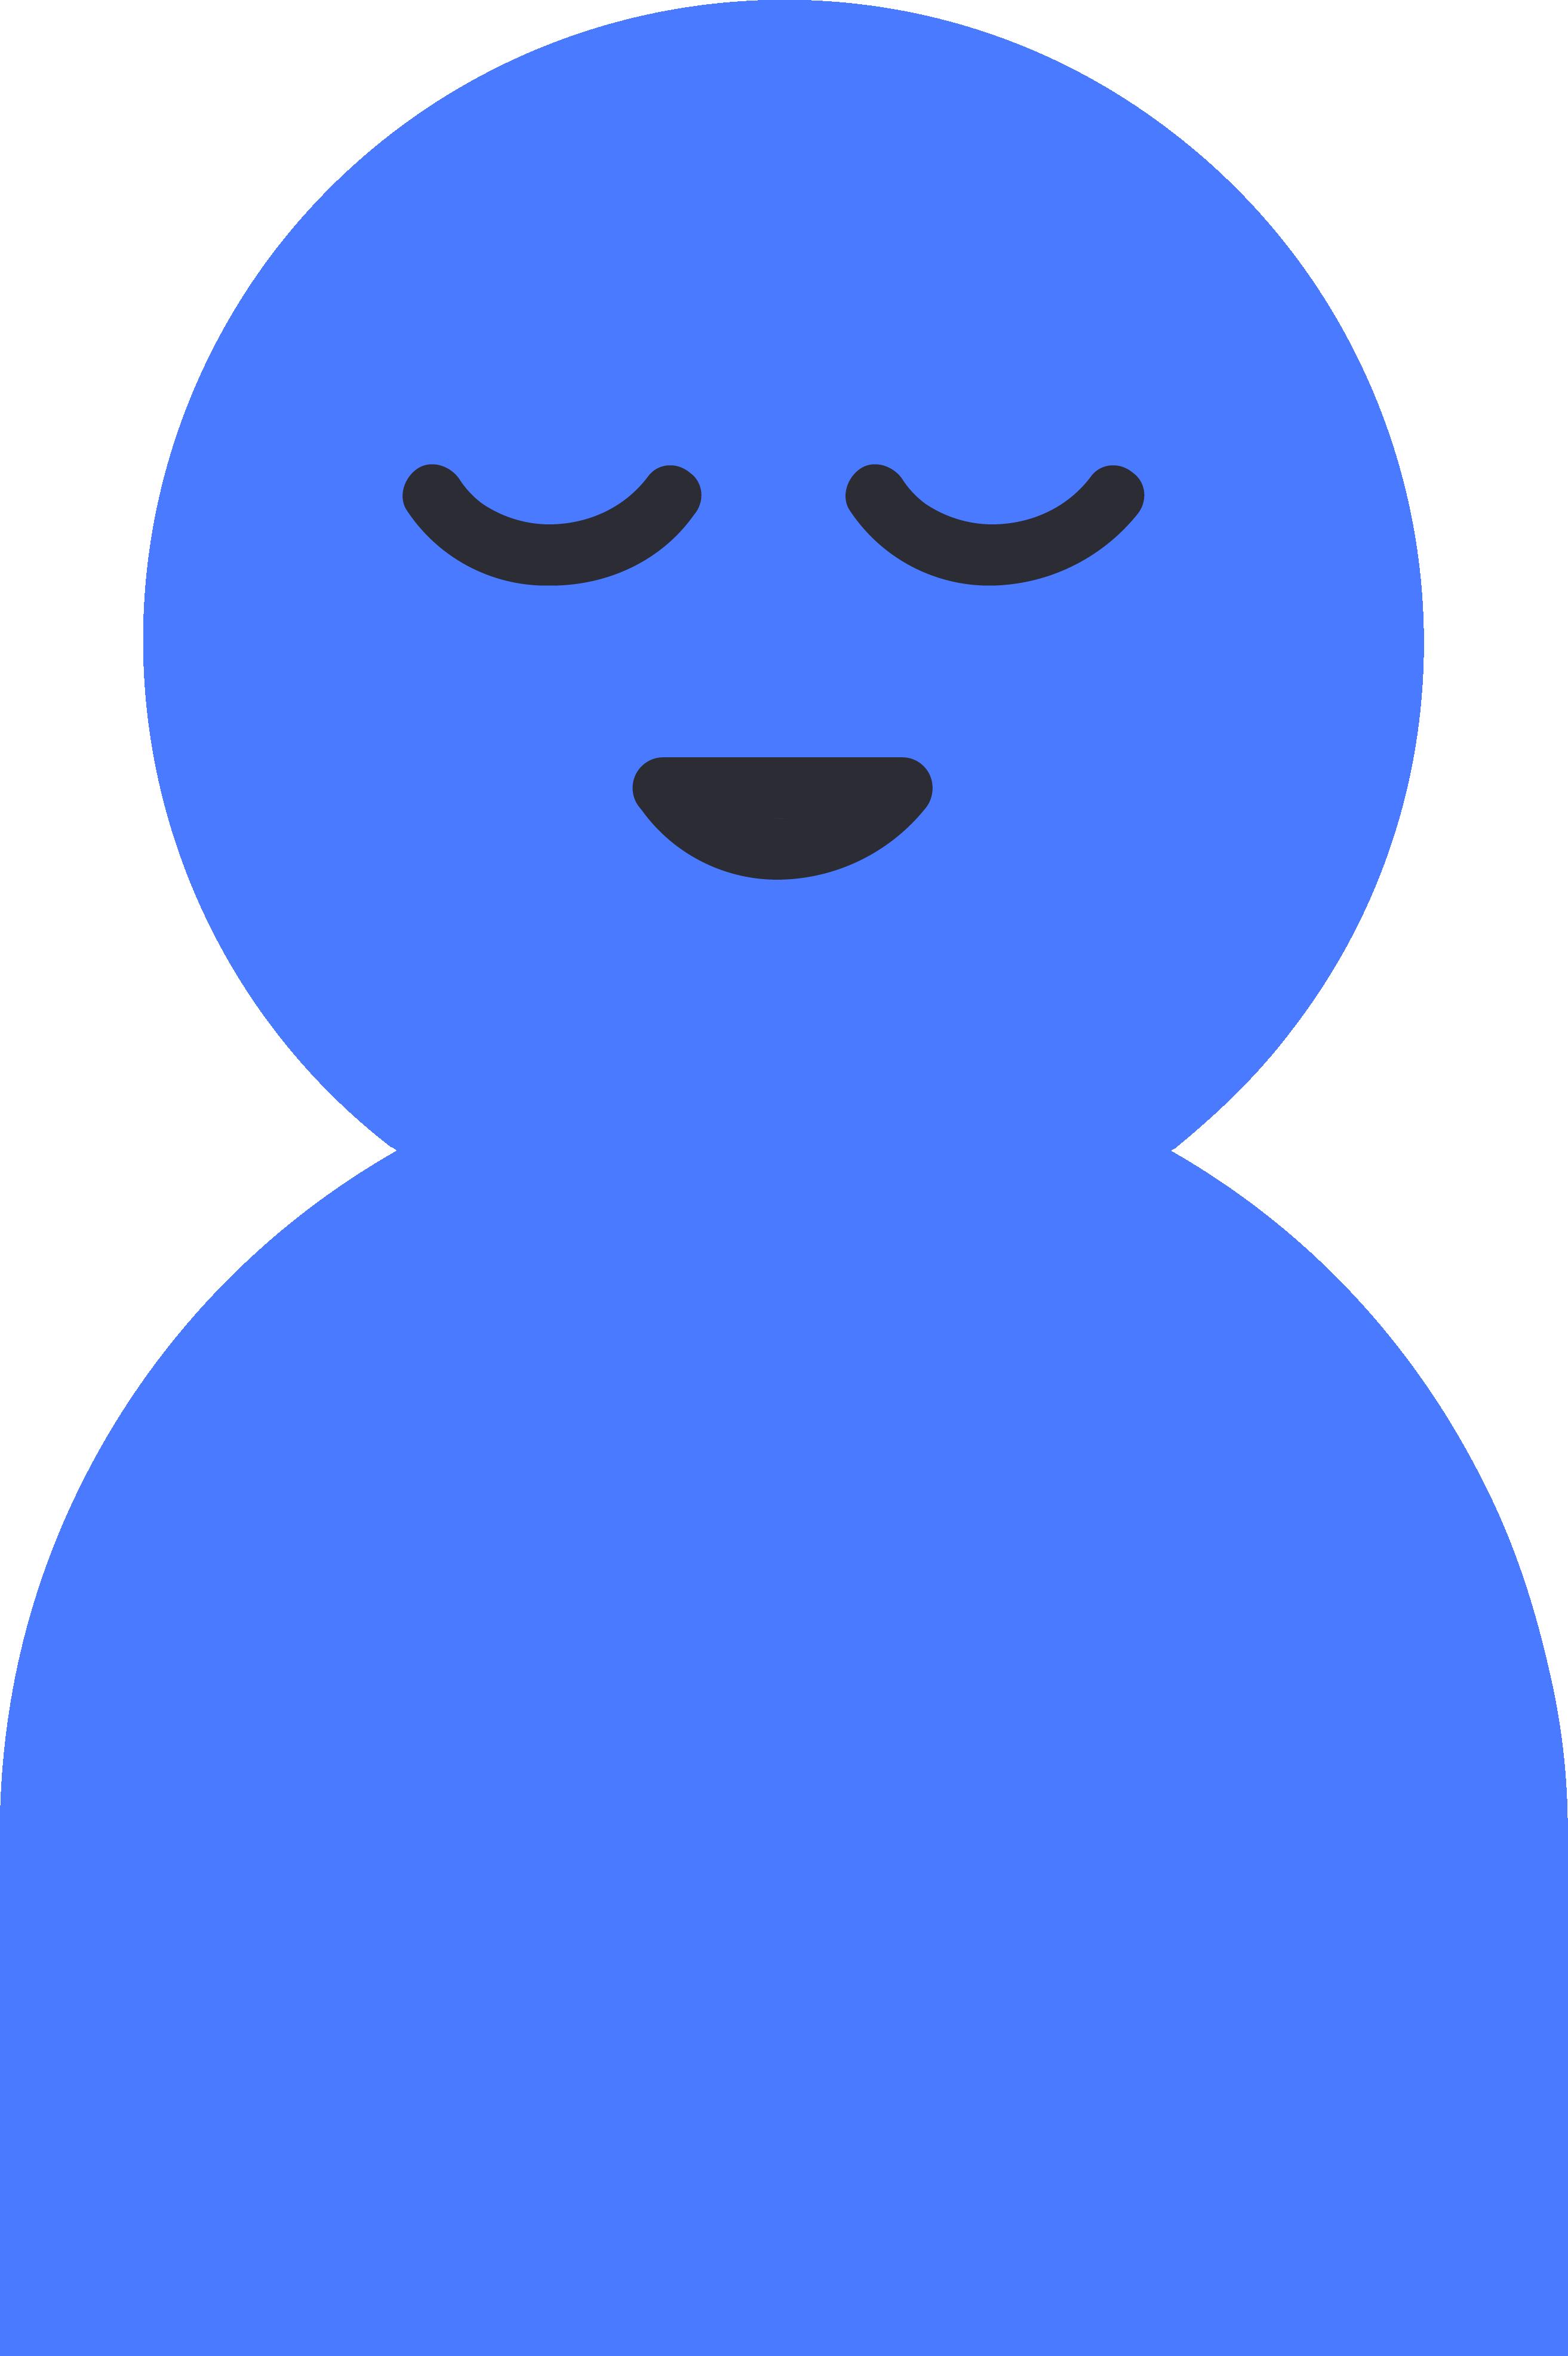 A graphic of an Ambassador